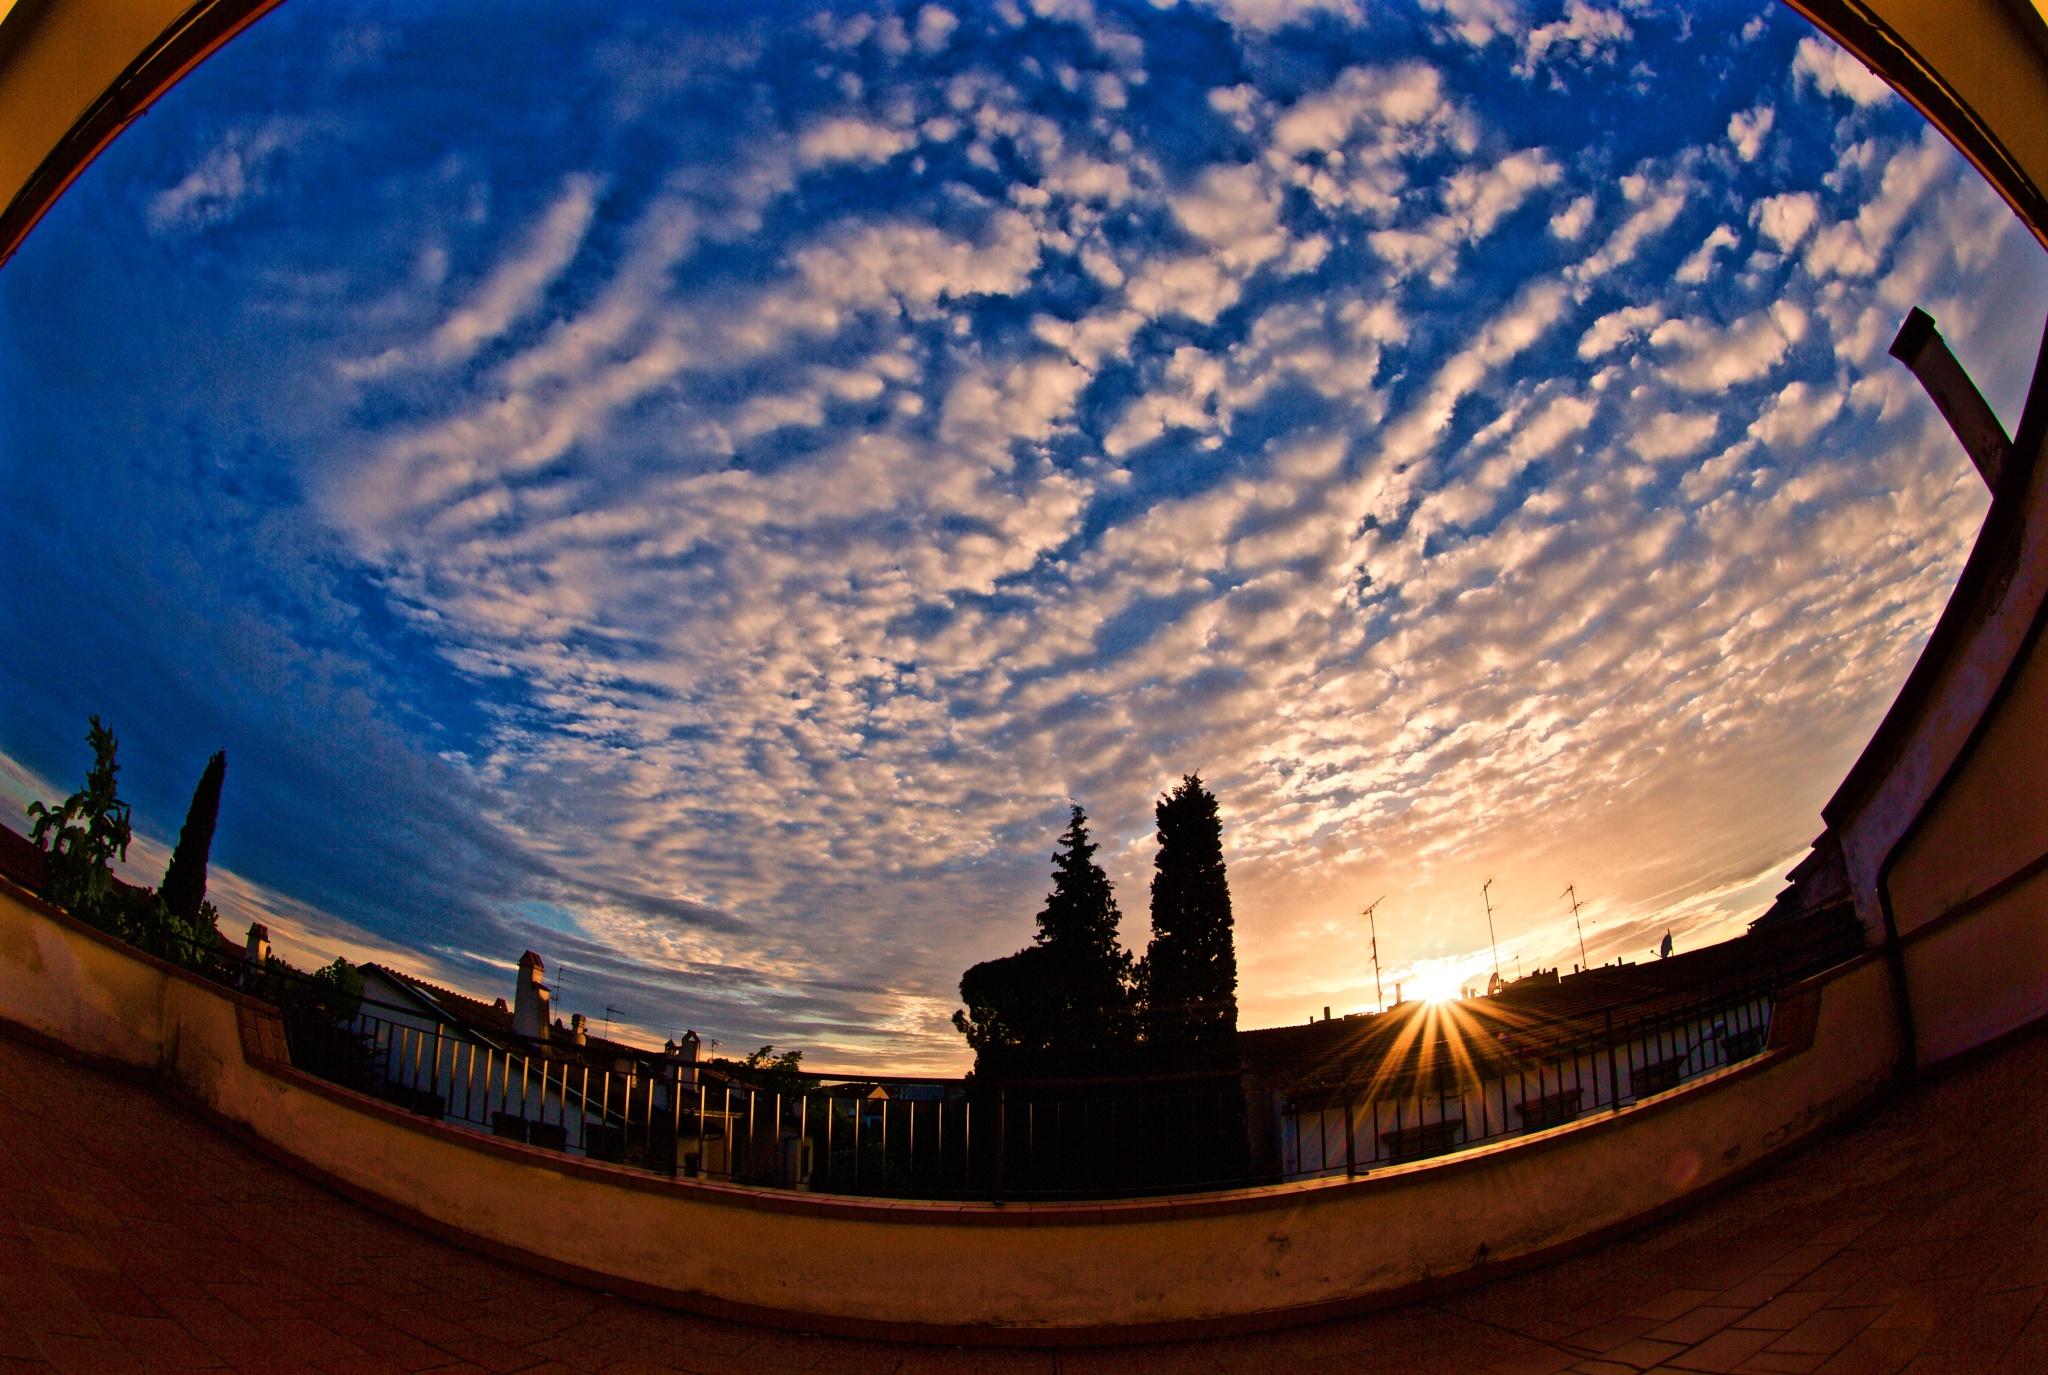 Pure sunset by Fabrizio Reali